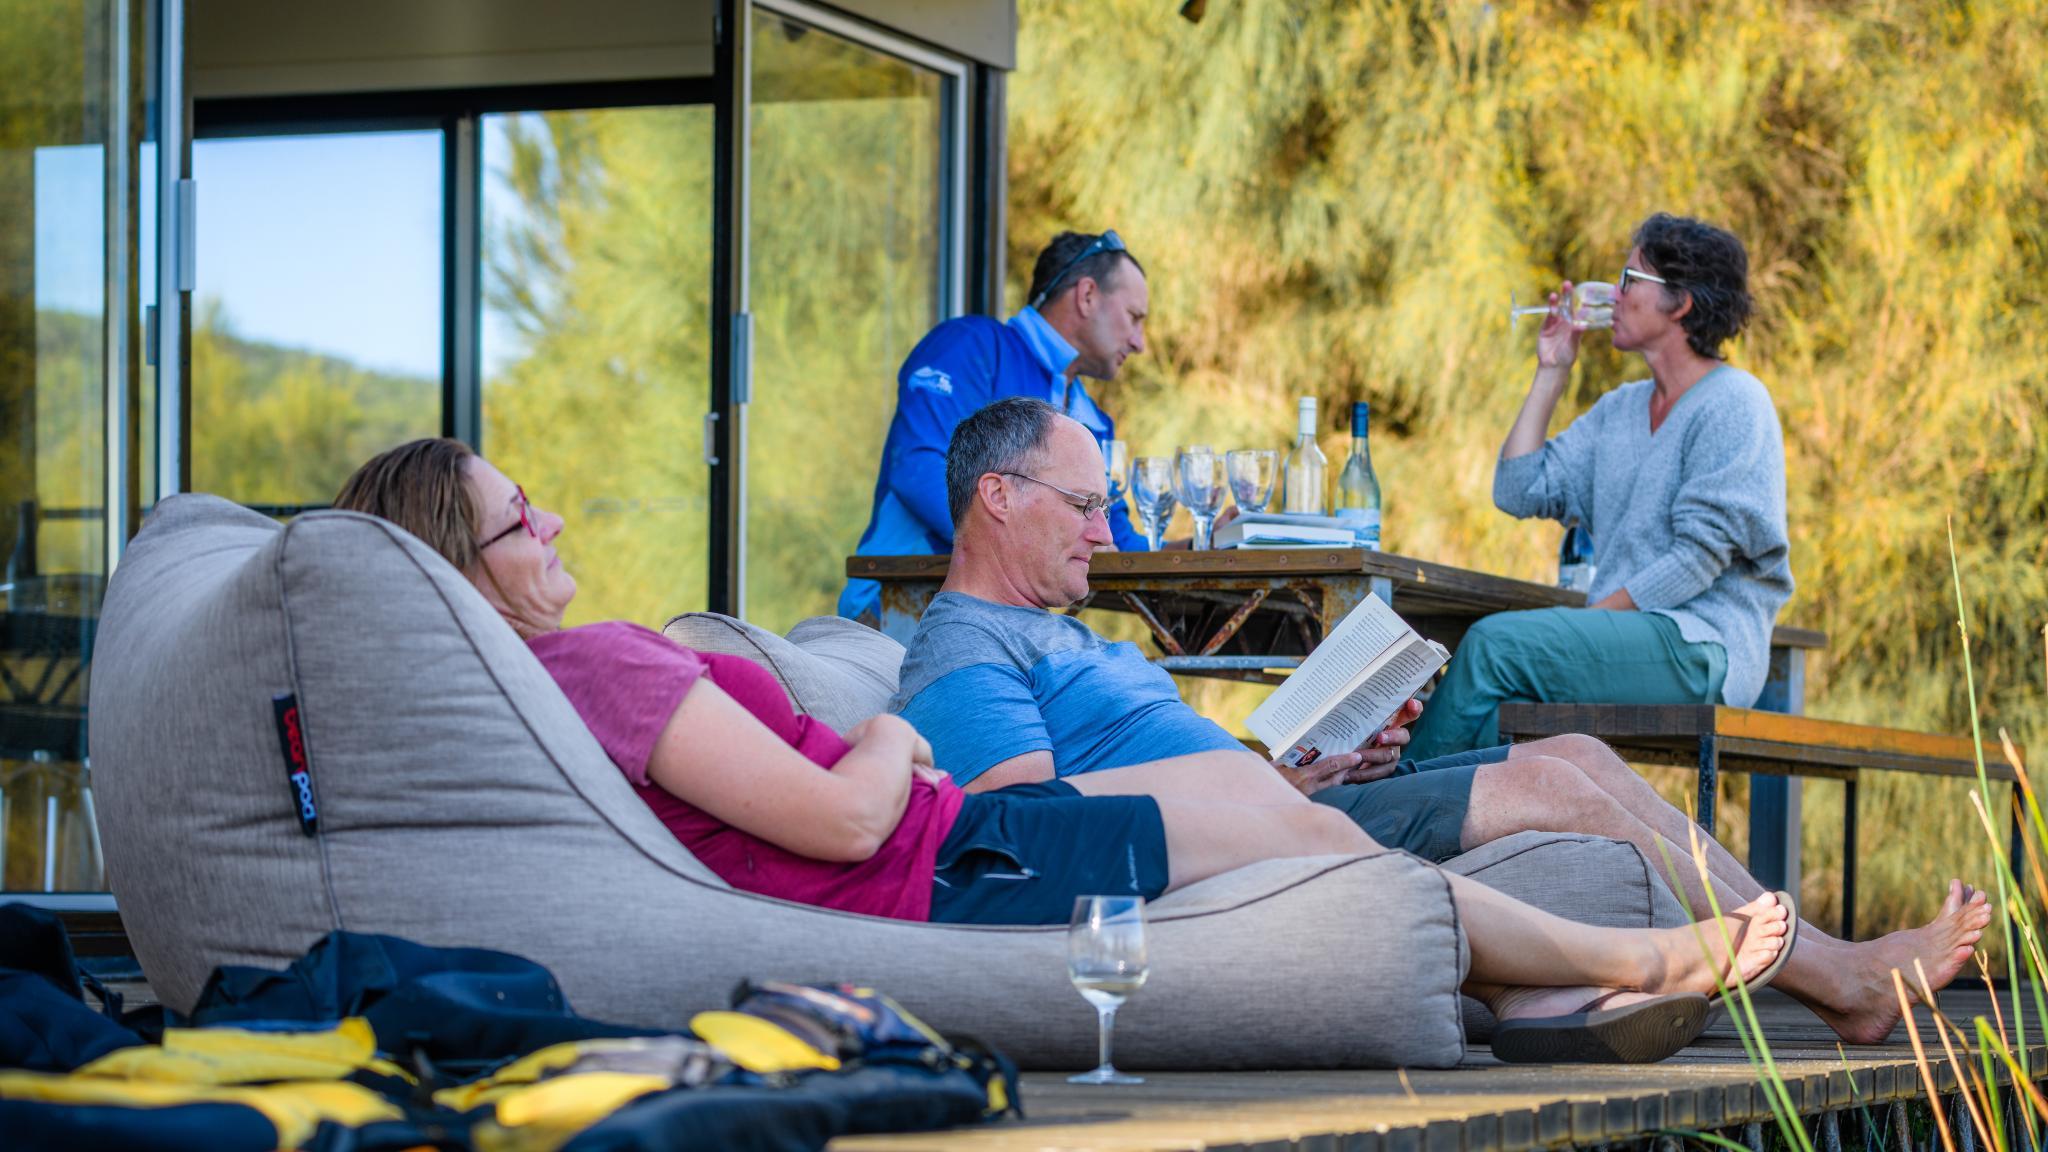 Roaring 40s Kayaking - Relaxing after kayaking adventure Flinders Island Tasmania